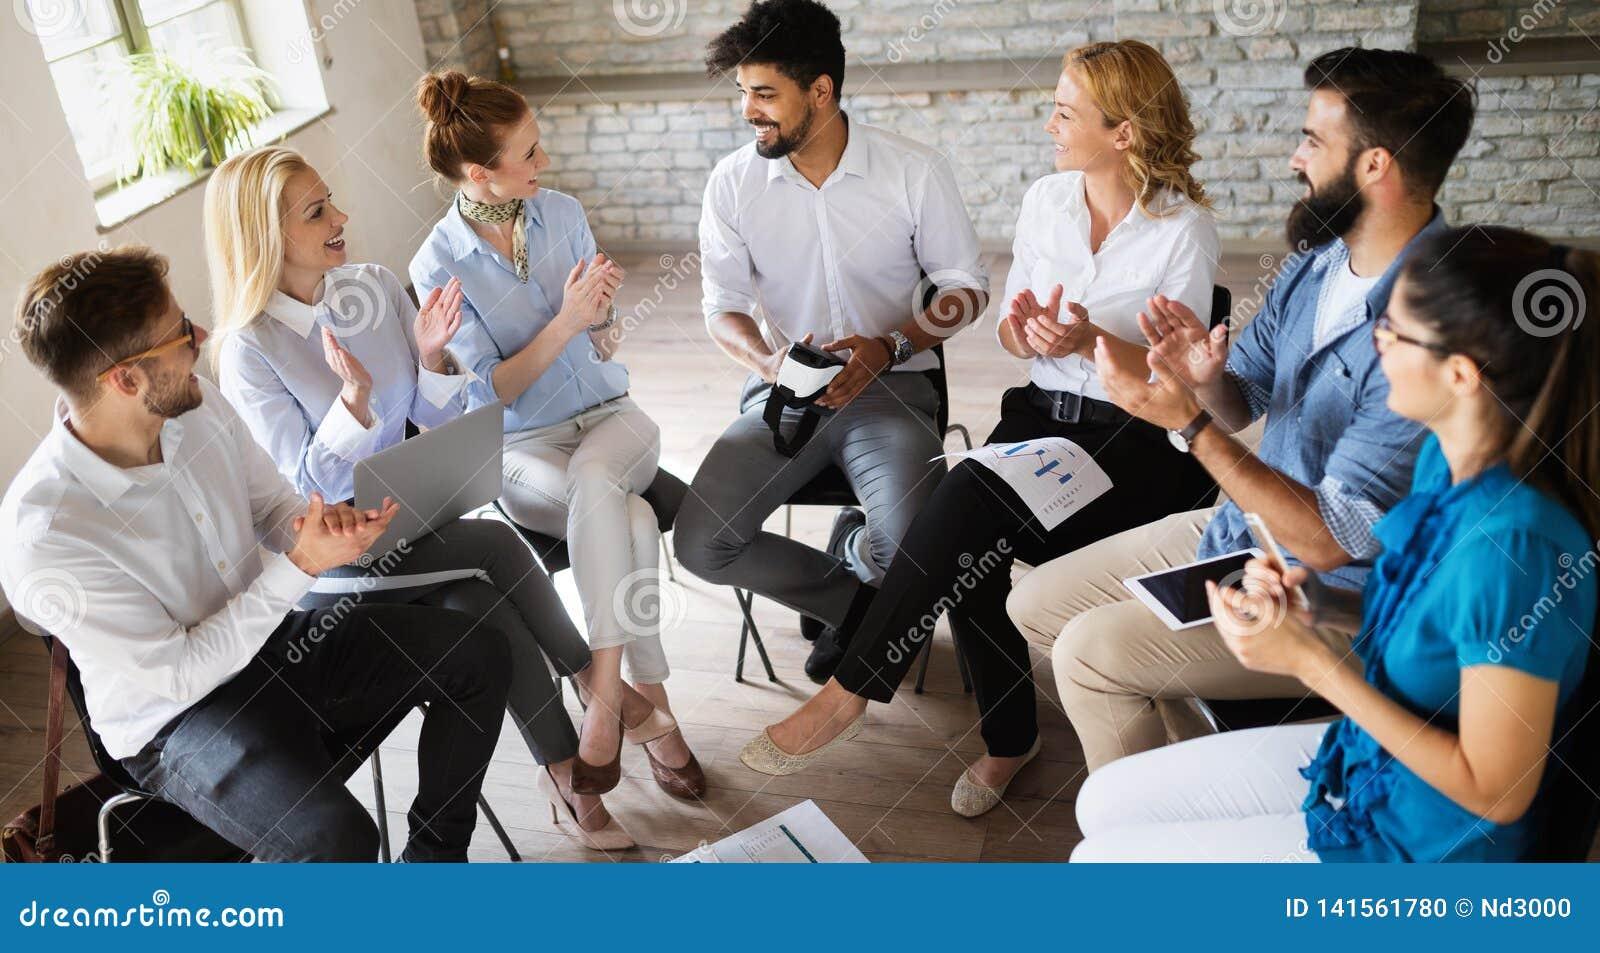 Ευτυχής δημιουργική ομάδα στην αρχή Επιχείρηση, ξεκίνημα, σχέδιο, άνθρωποι και έννοια ομαδικής εργασίας